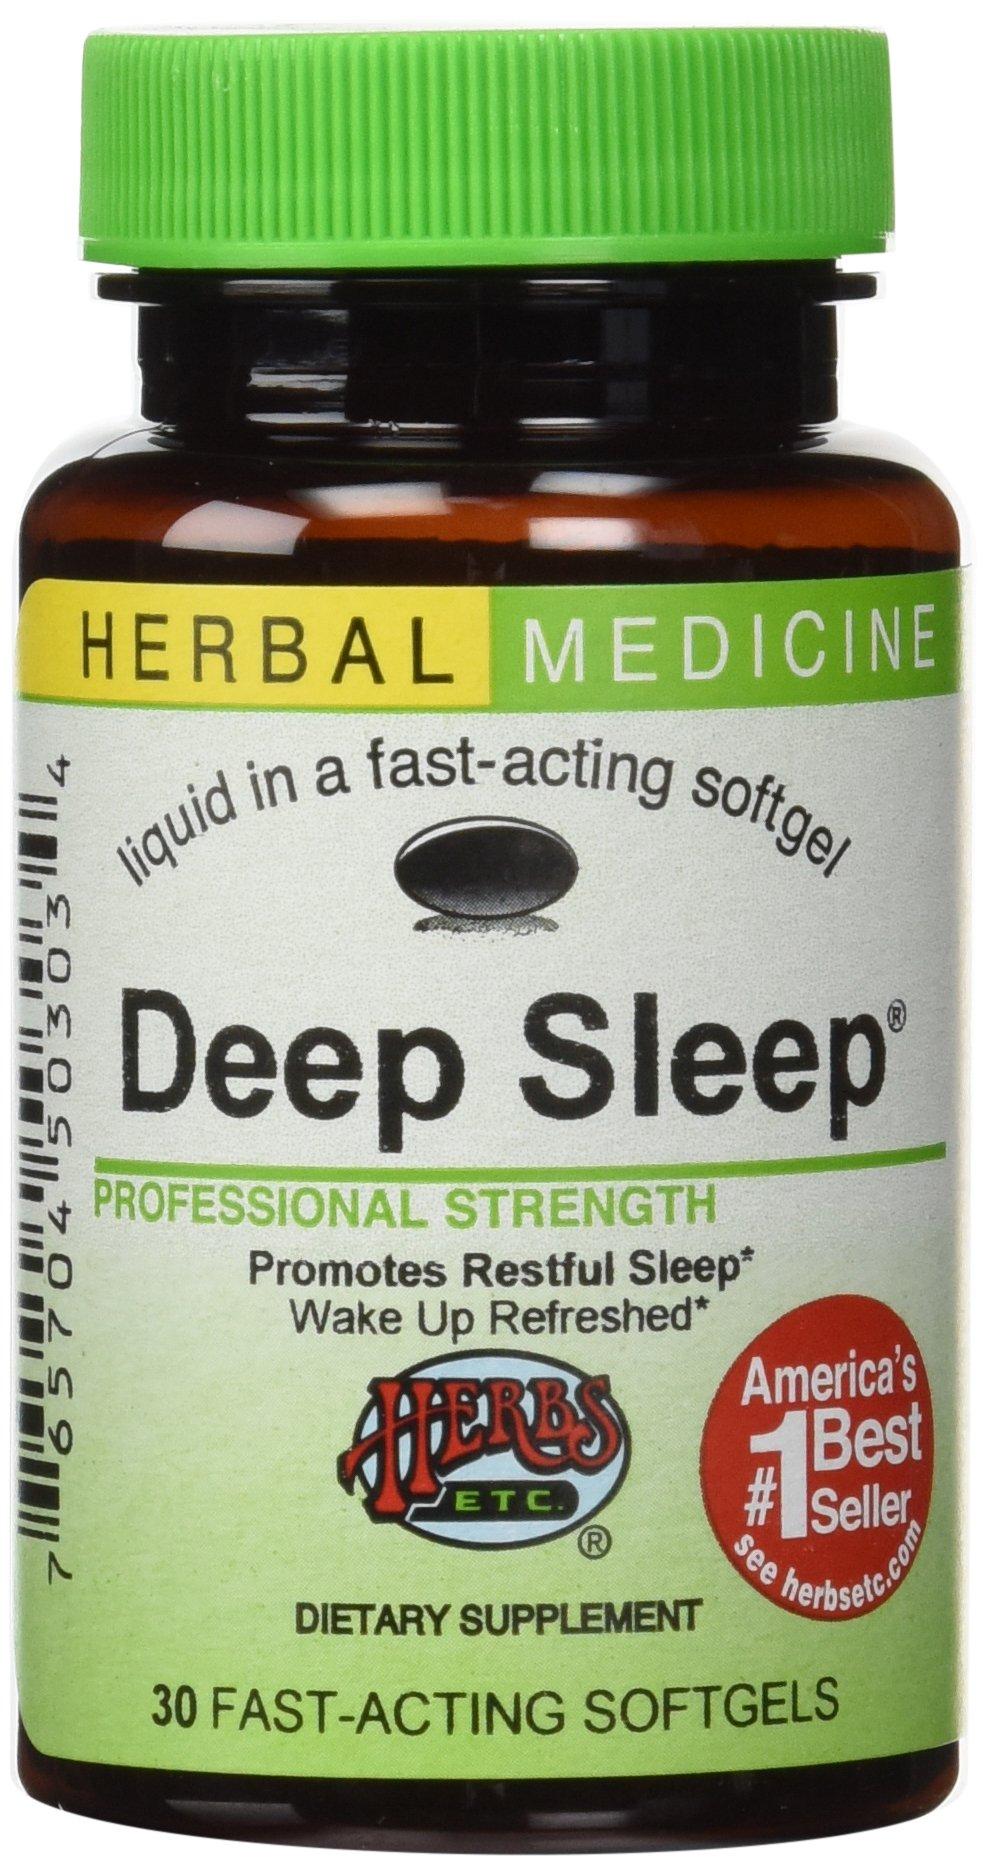 HERBS ETC. Deep Sleep, 30 CT